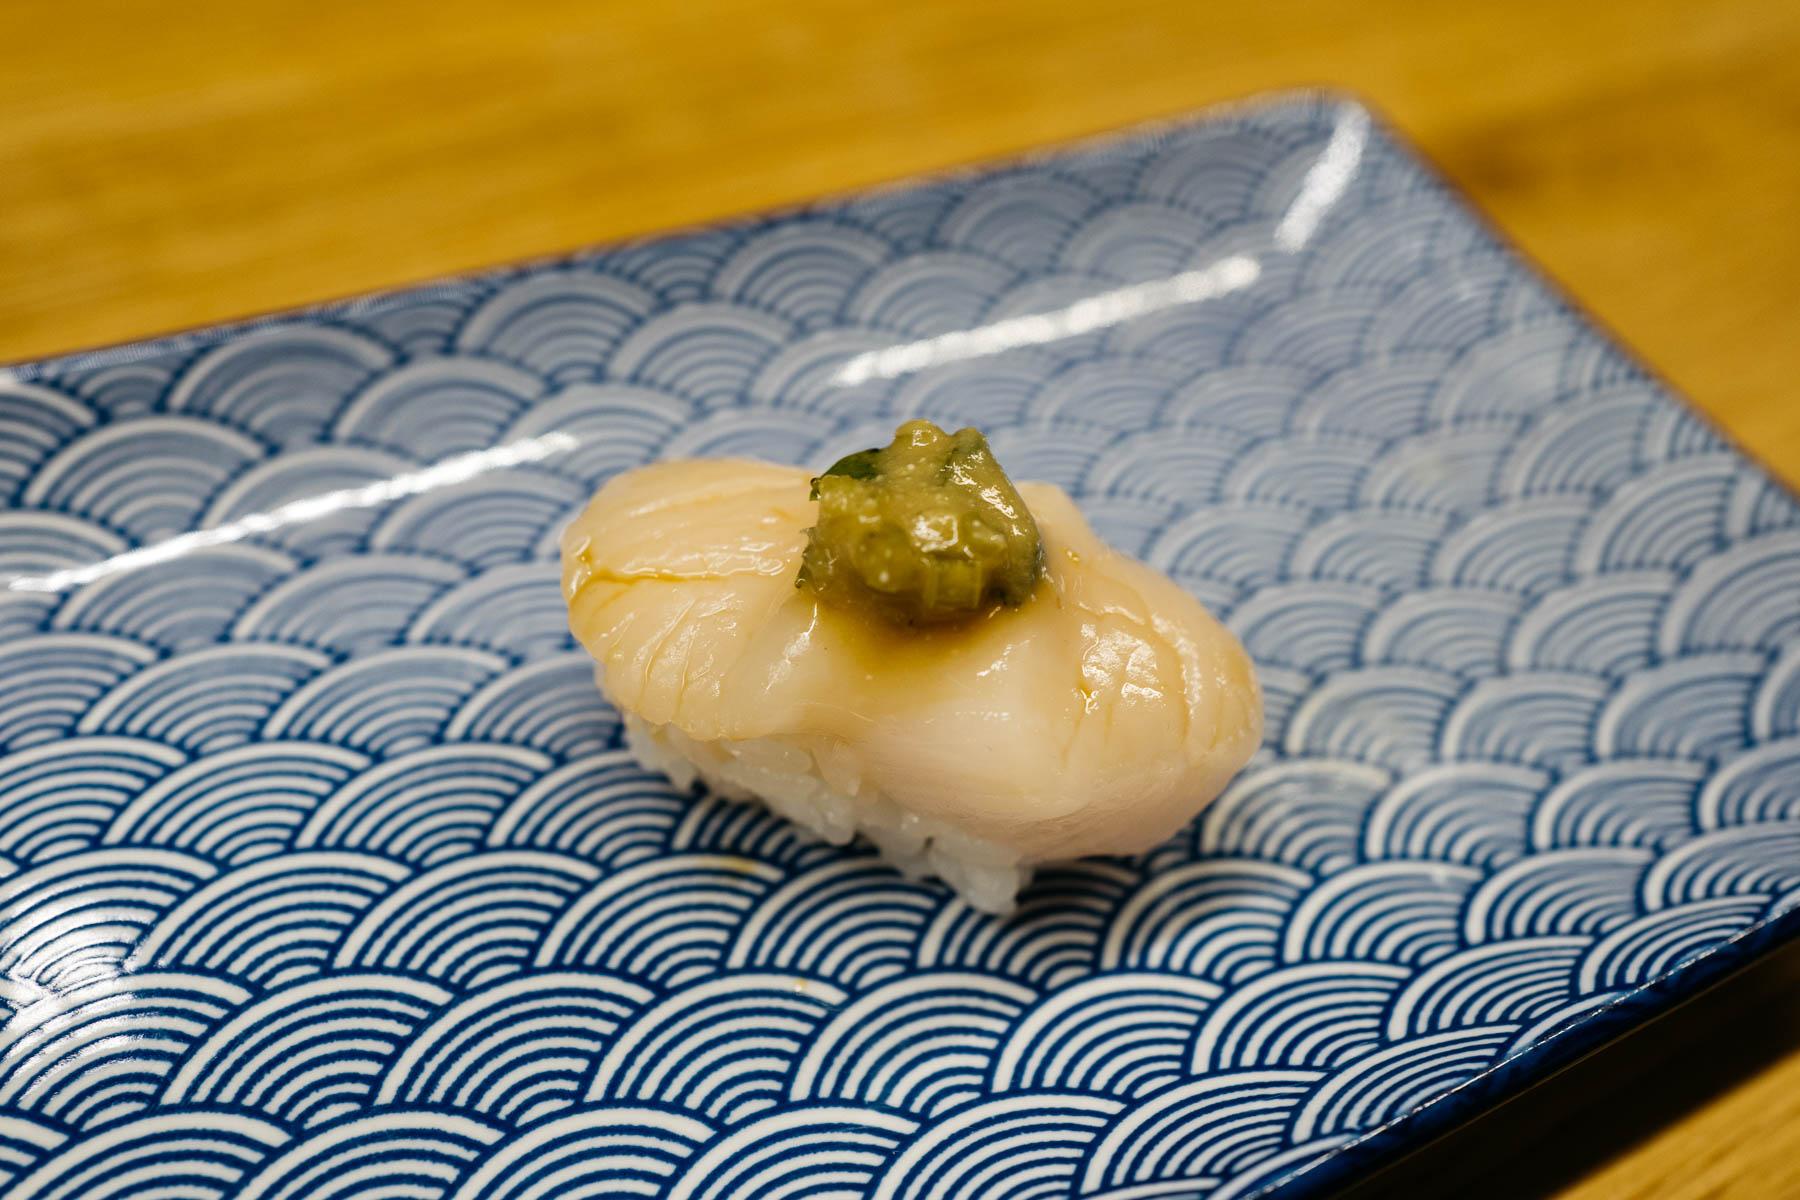 Miso kizami wasabi hotate (przegrzebek z pędami wasabi marynowanymi w miso)